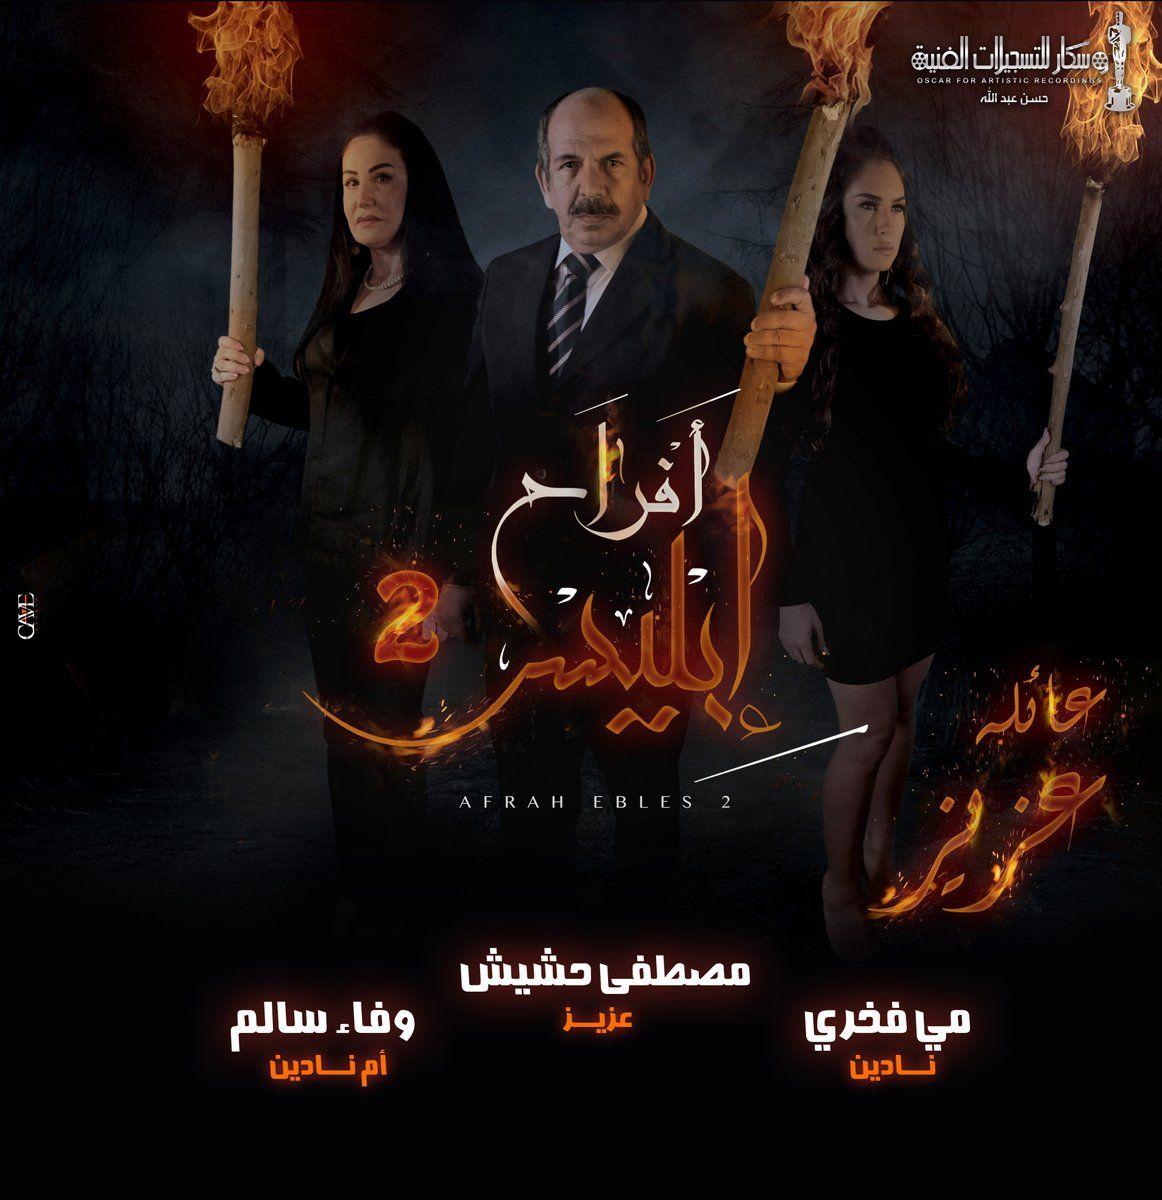 مسلسل افراح ابليس الجزء الثاني - الحلقة 31 الواحدة والثلاثون كاملة مباشرة HD